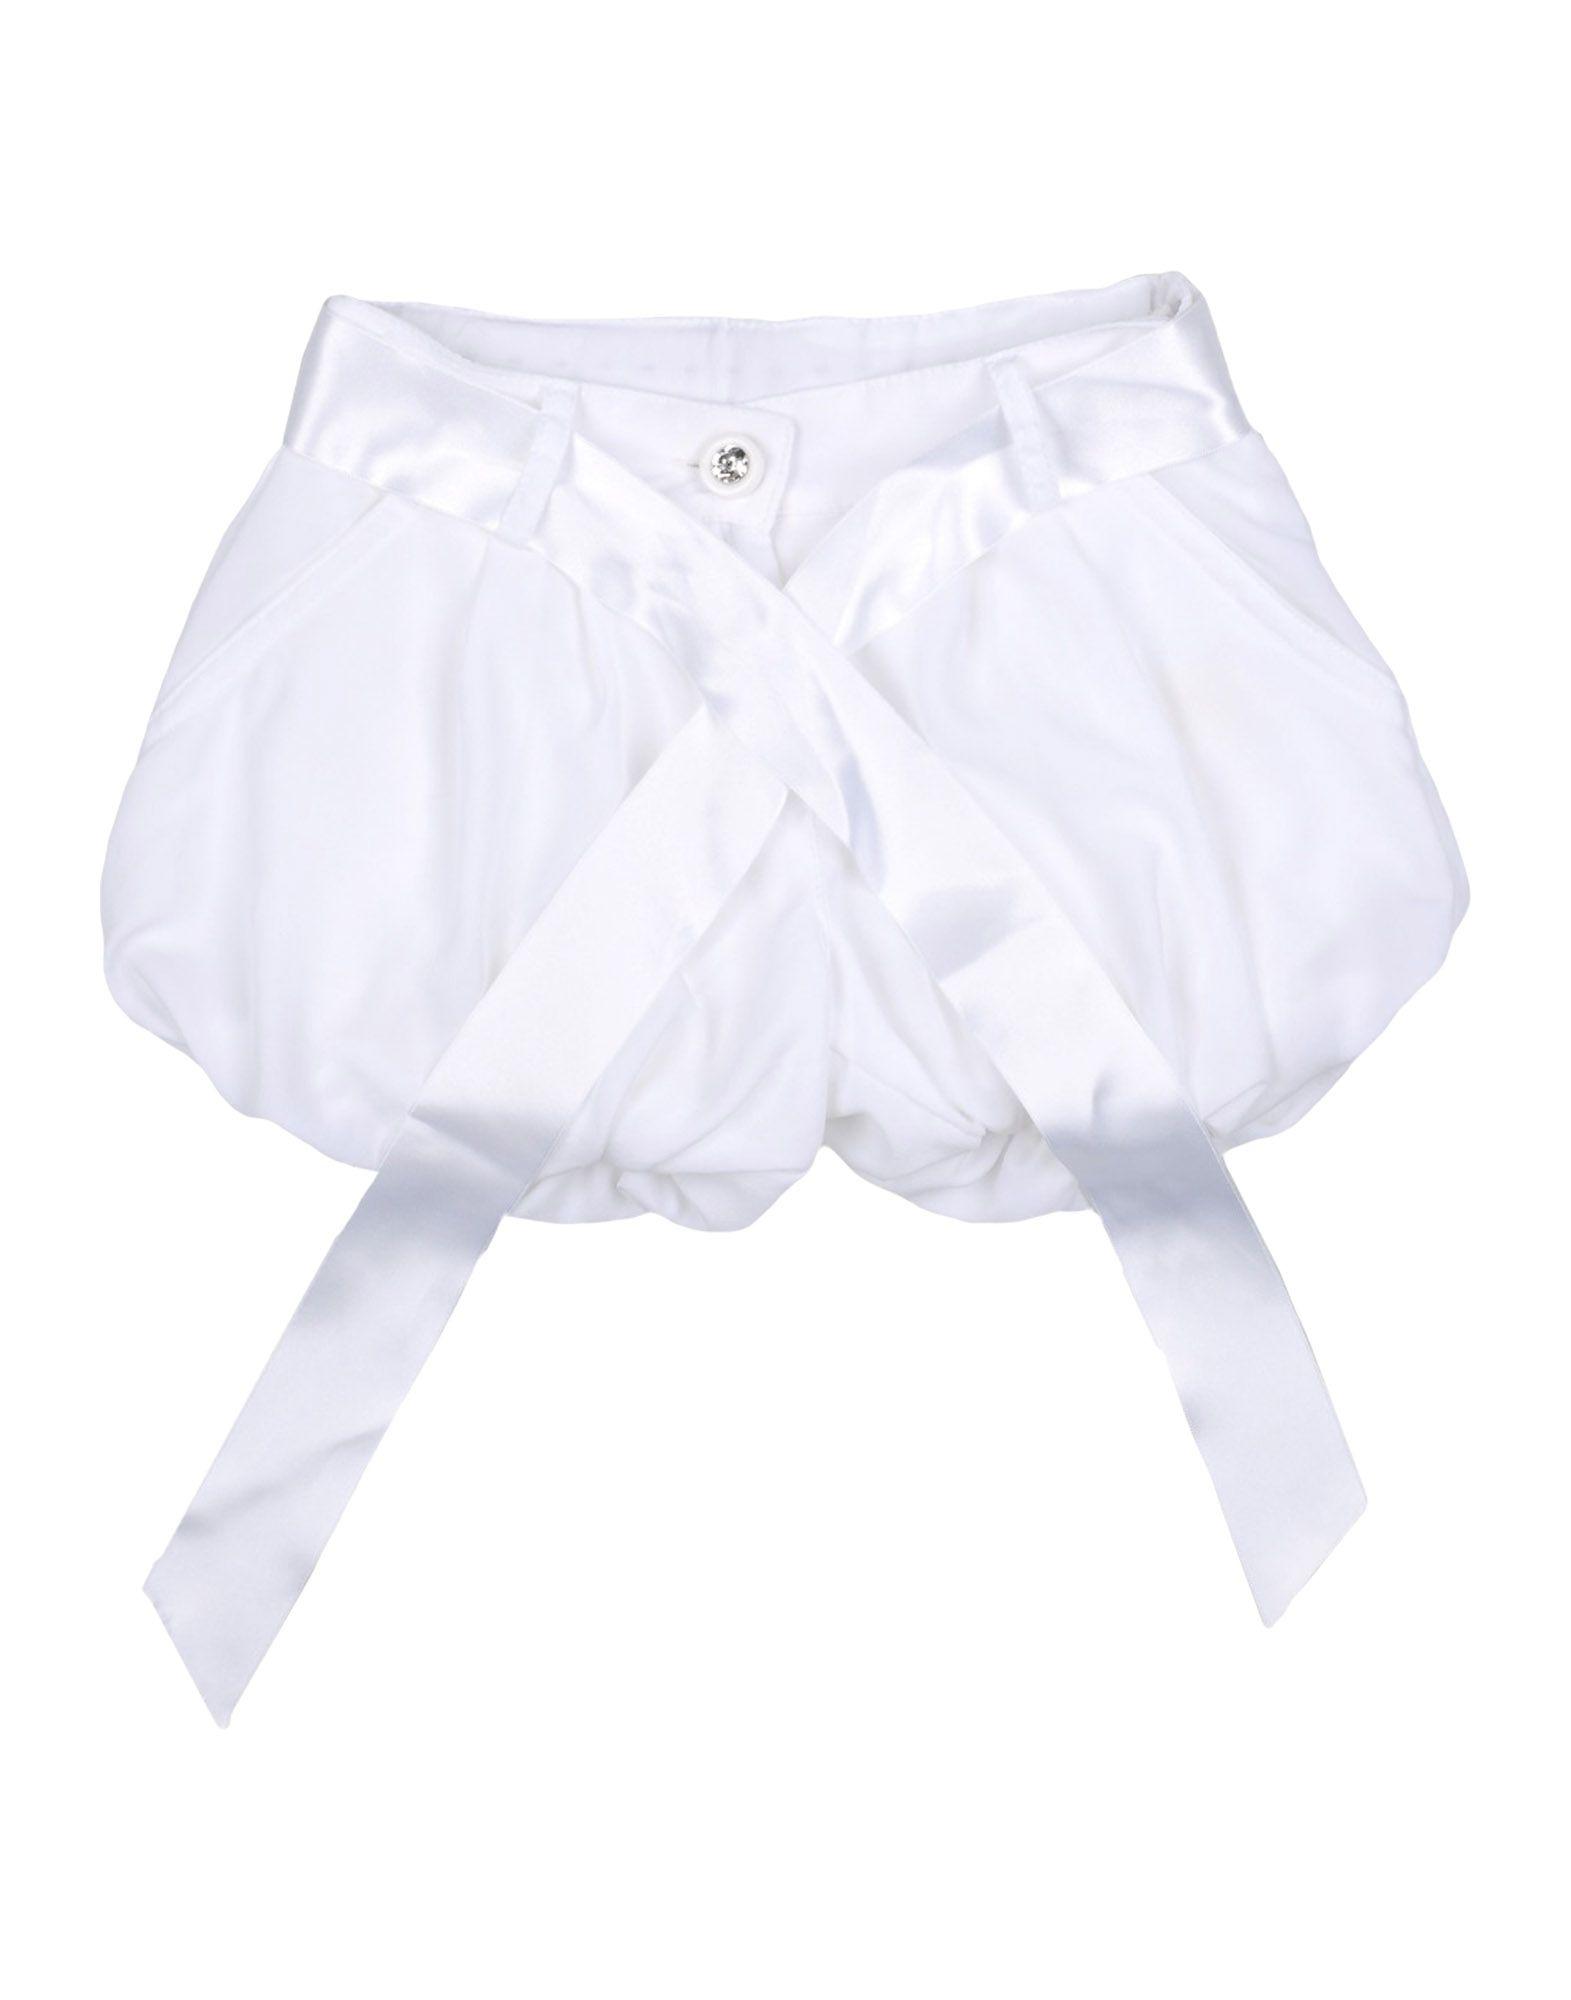 MISS BLUMARINE Повседневные шорты шорты miss bonbon шорты